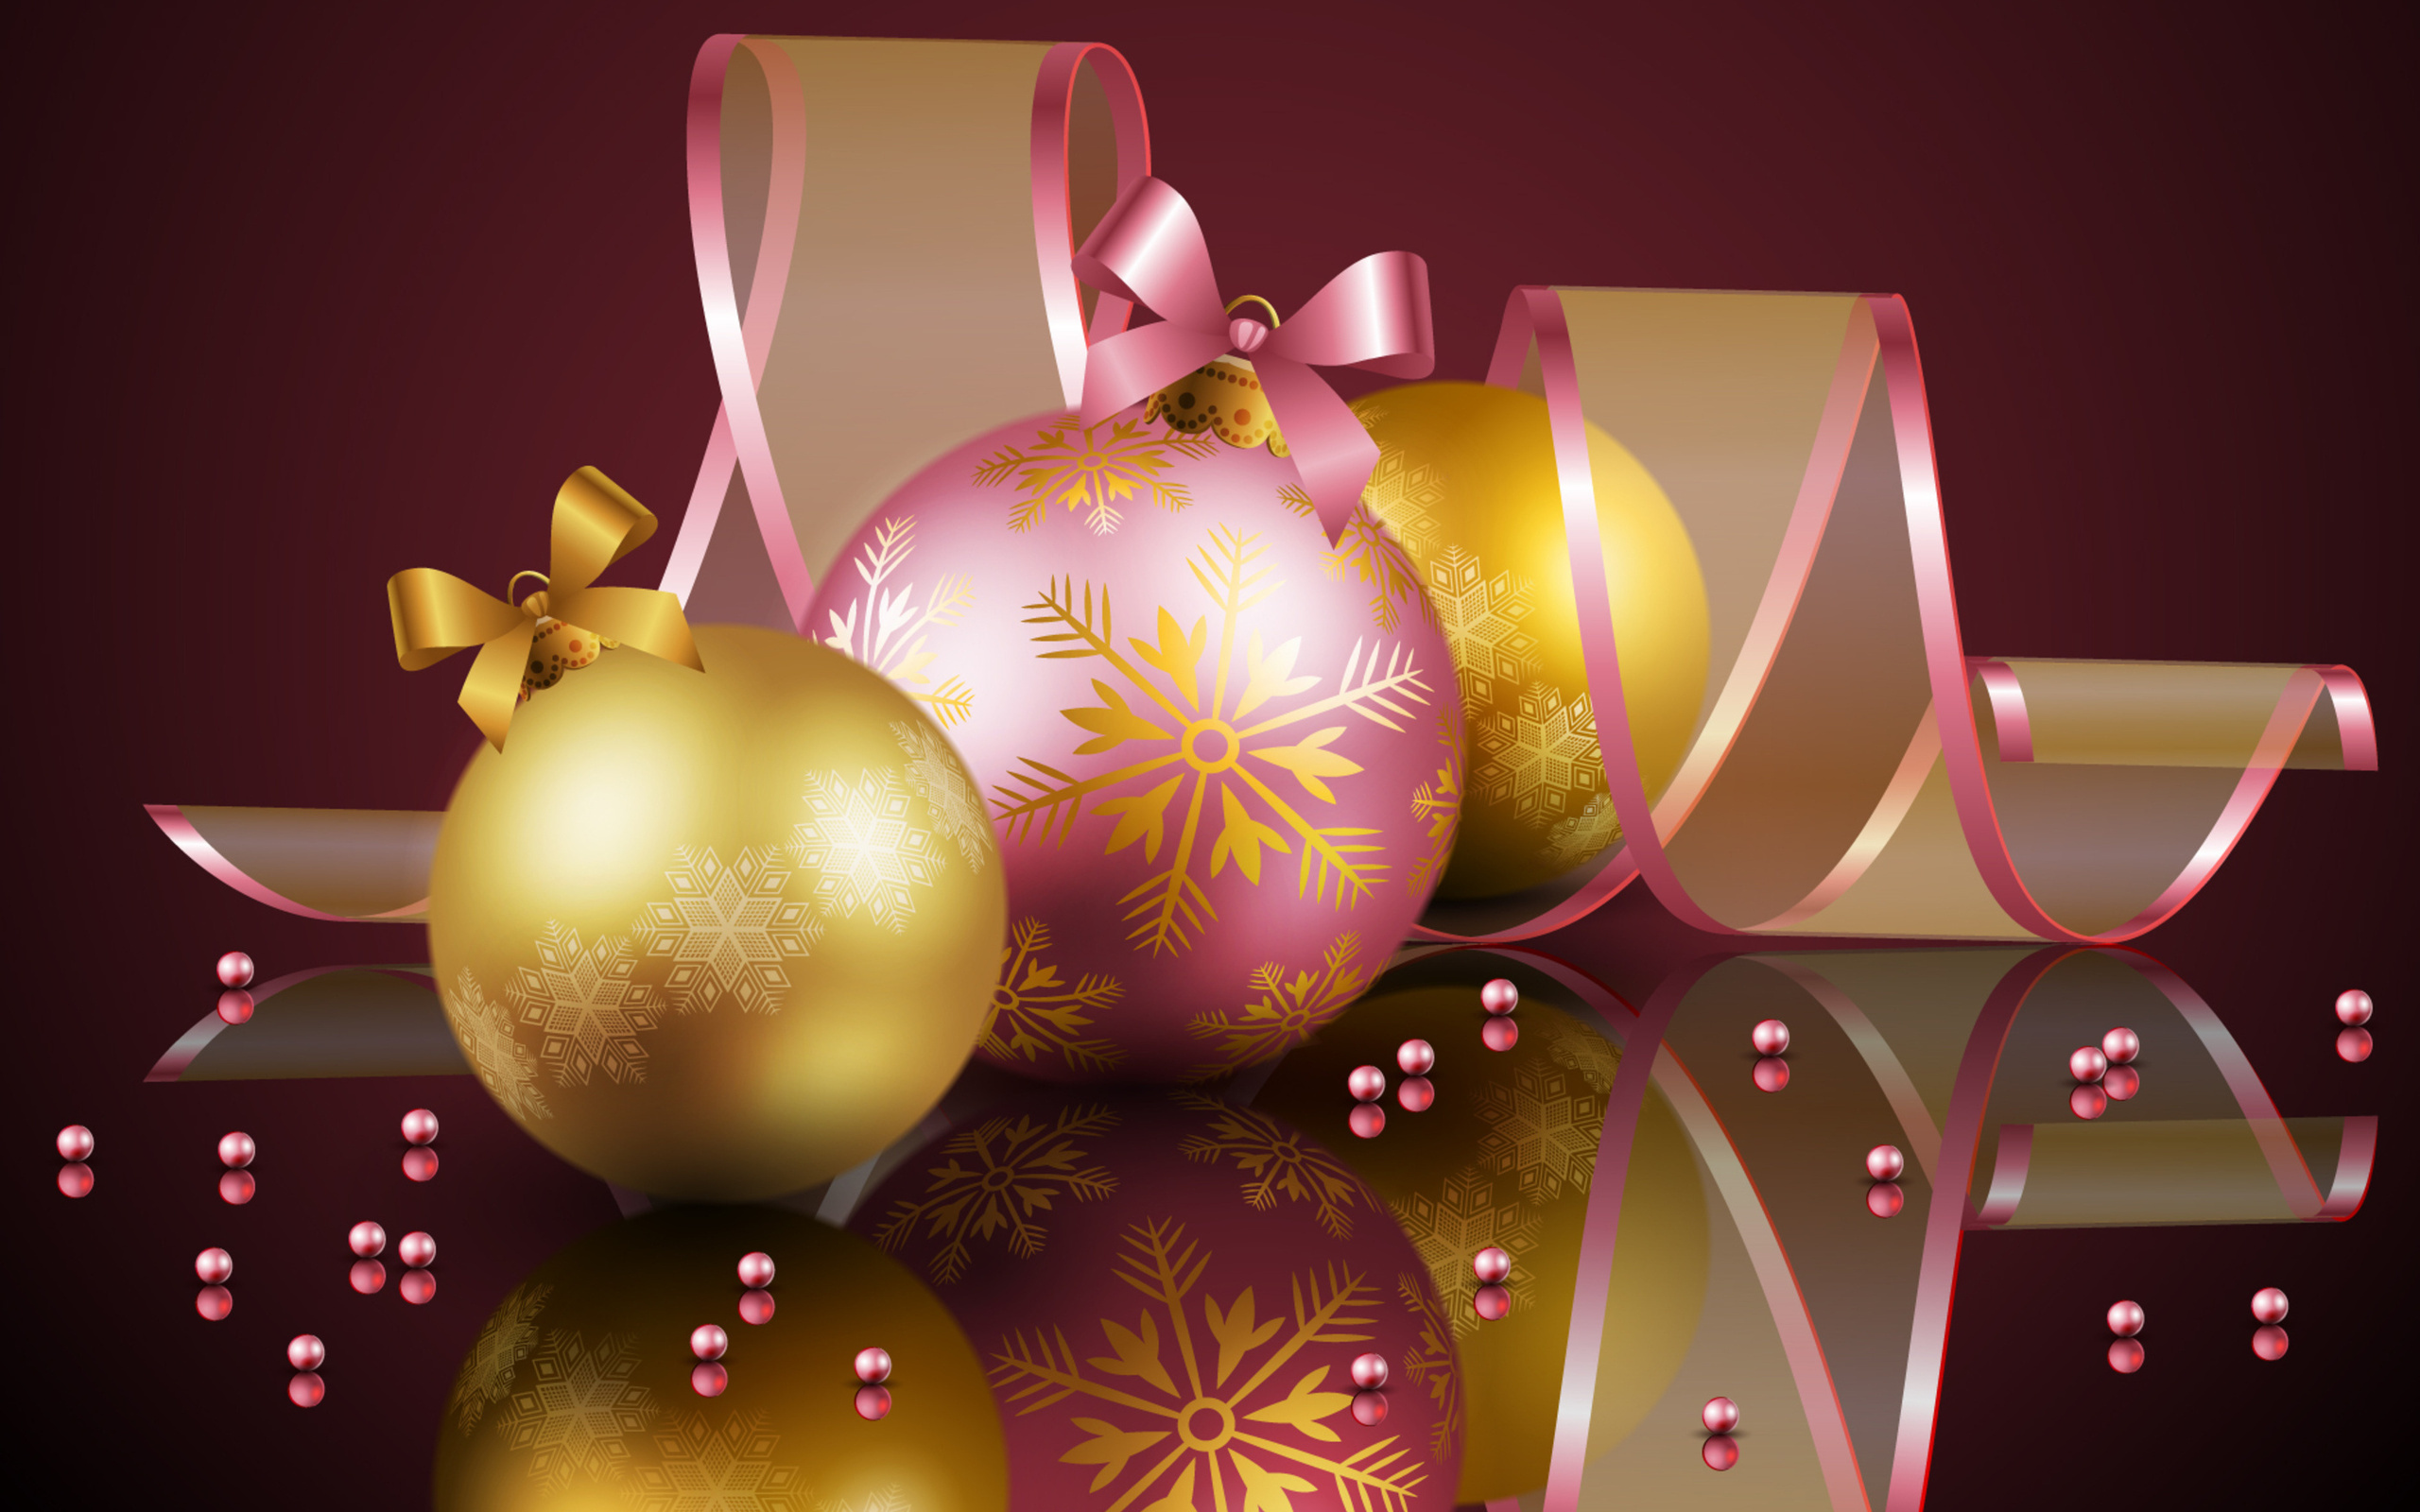 Новогодняя картинка с шарами